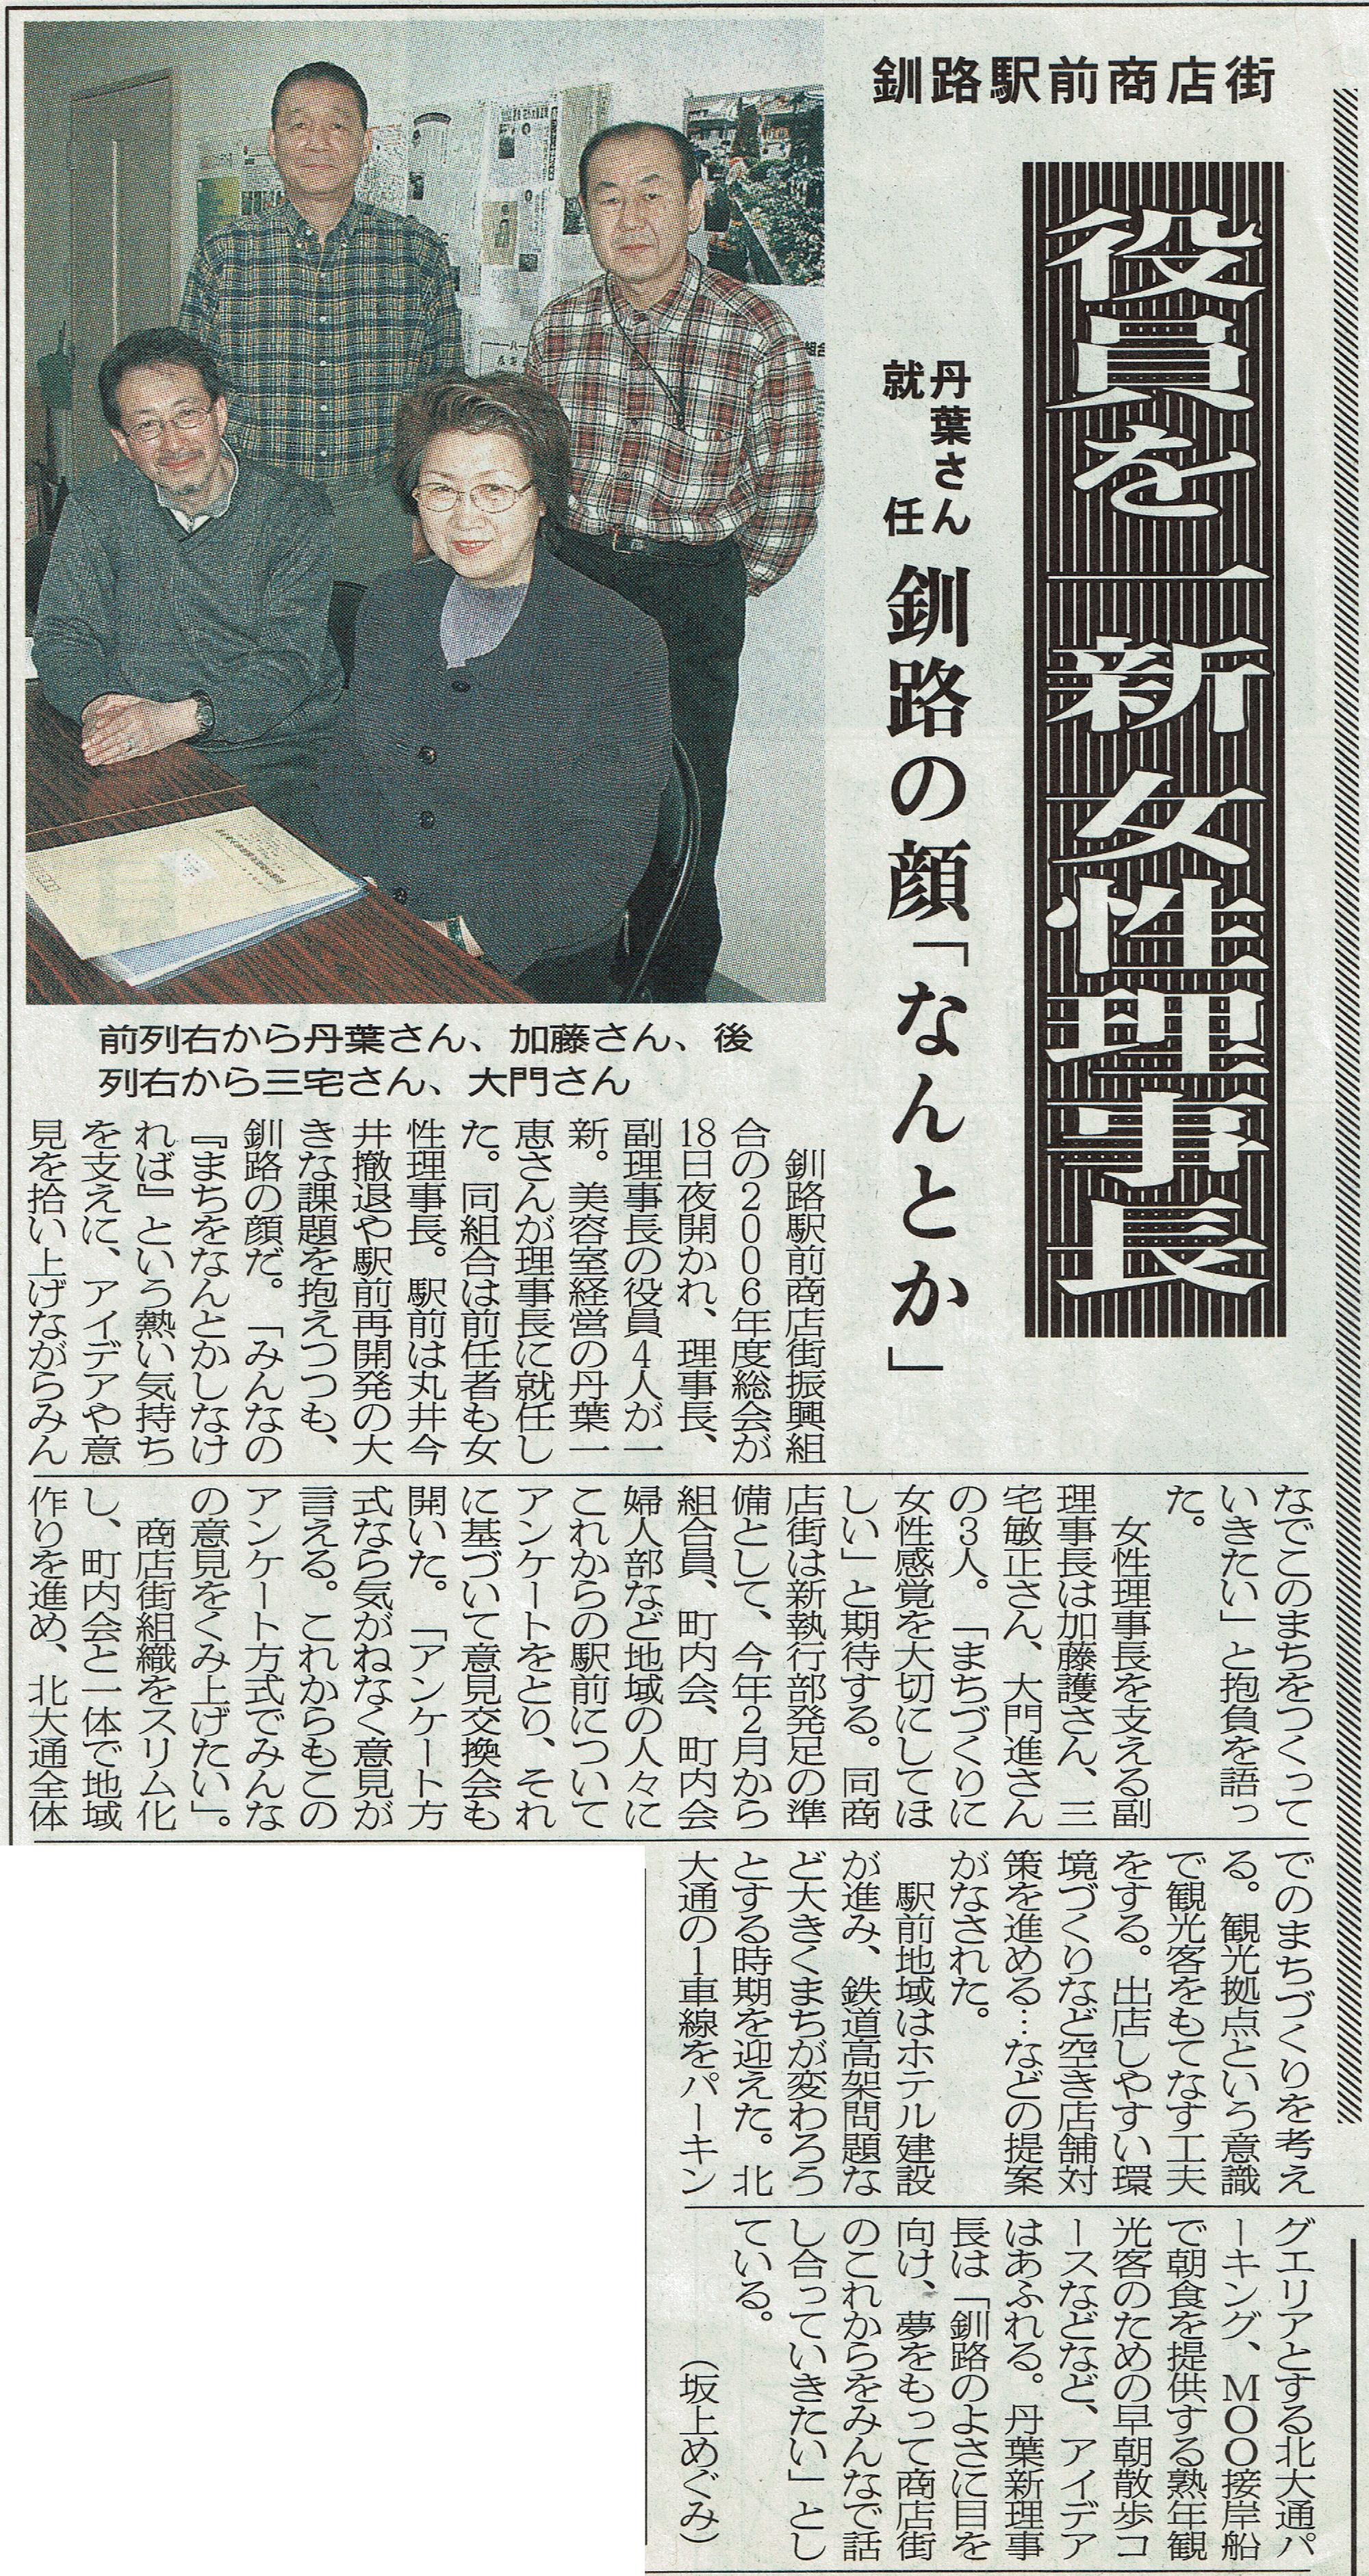 2006-4-20釧路新聞